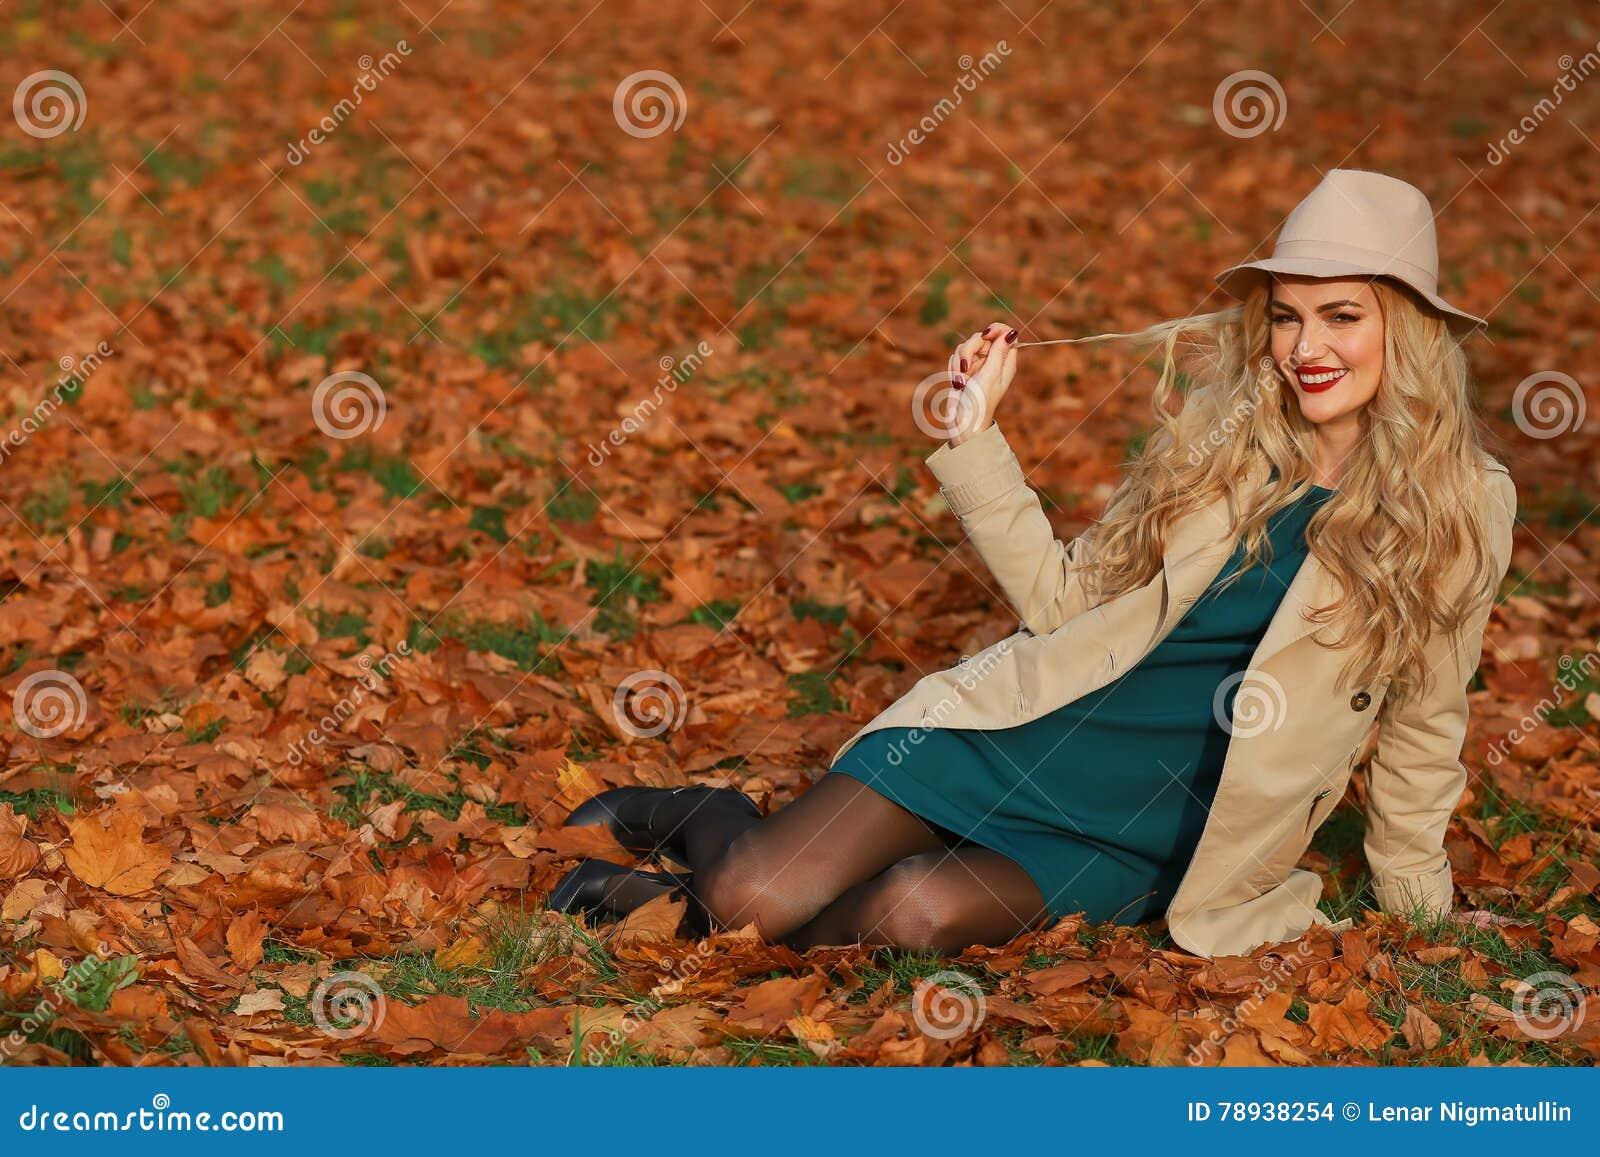 Lächelndes Sitzen der jungen Frau auf dem Gras im Herbst Ahorn-Gartenhintergrund des Falles gelber Schönes Mädchen im Mantel und